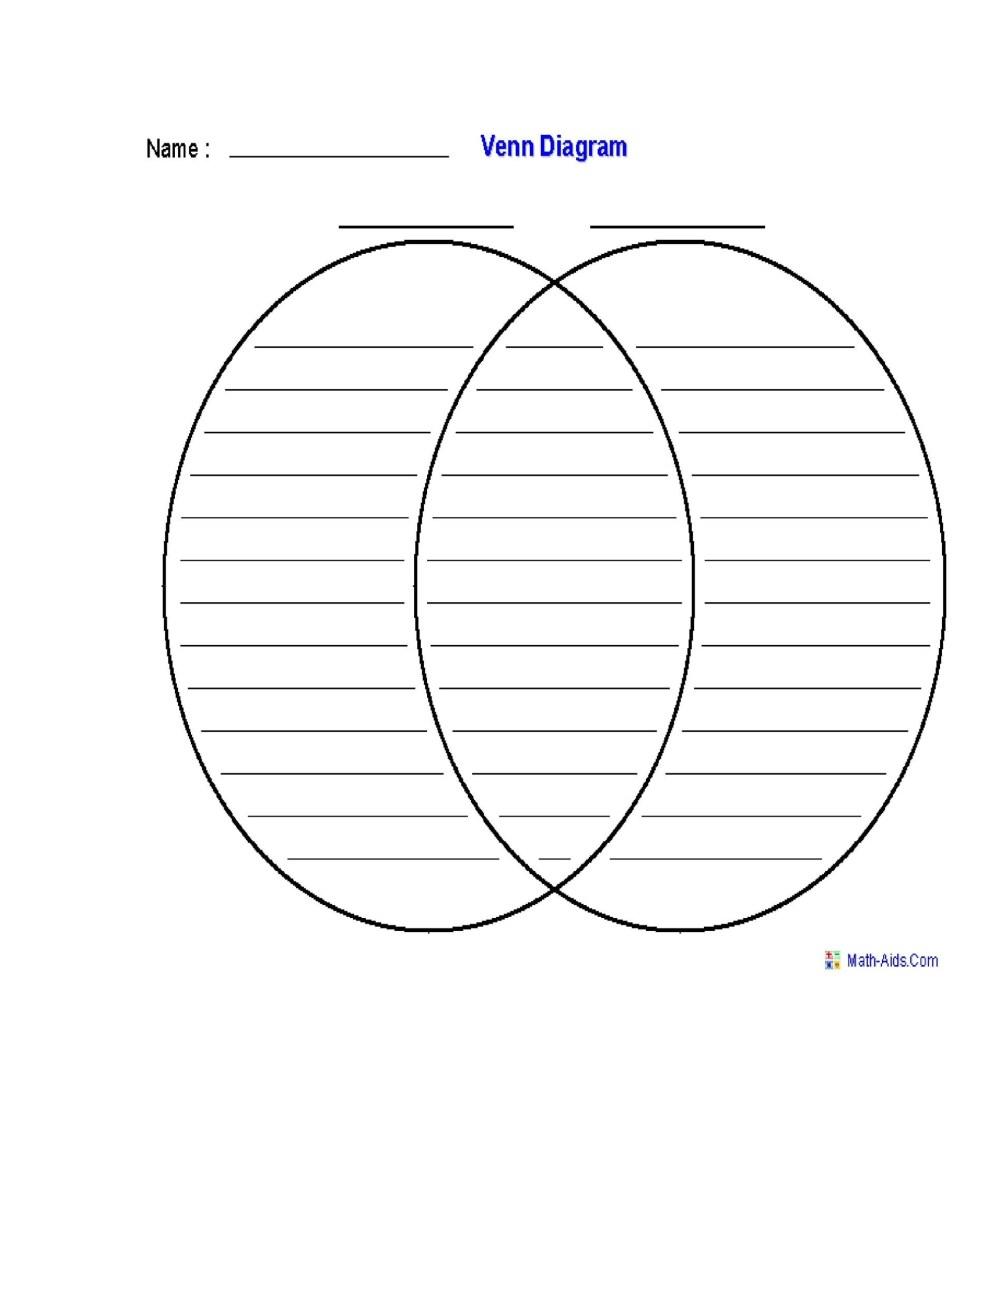 medium resolution of venn diagram gallery wiring diagram forward venn diagram image blank venn diagram gallery